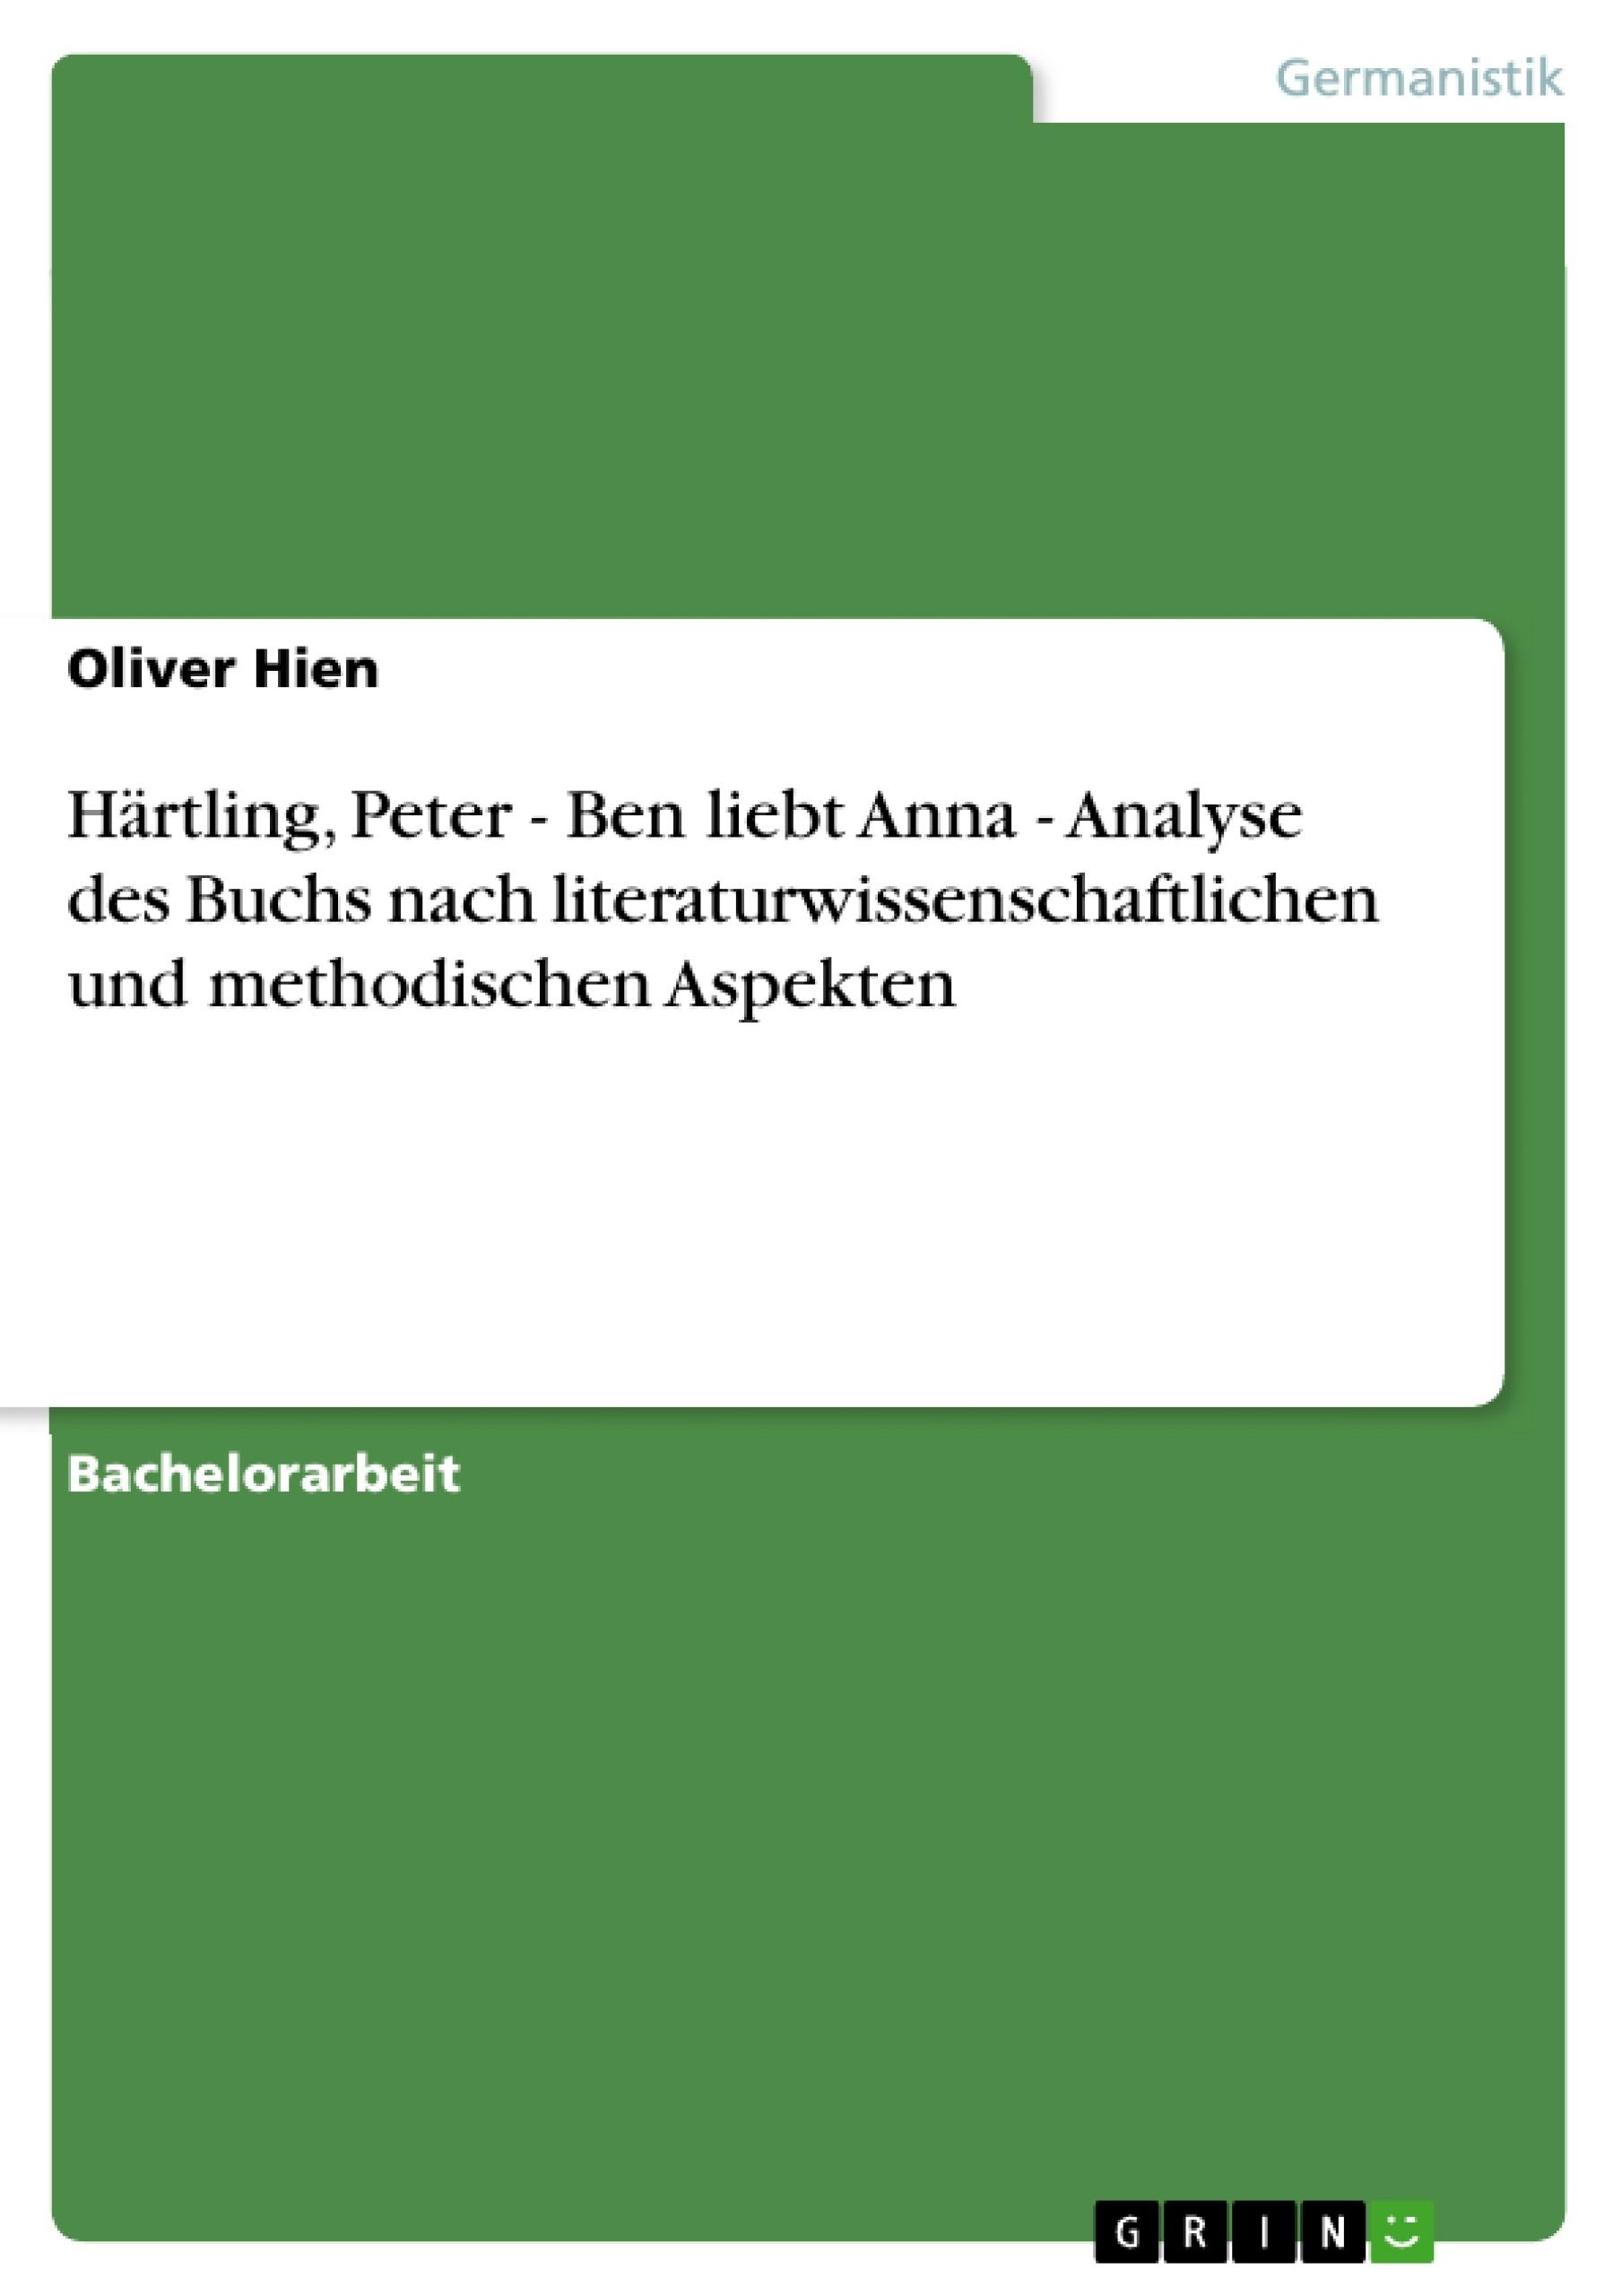 Titel: Härtling, Peter - Ben liebt Anna - Analyse des Buchs nach literaturwissenschaftlichen und methodischen Aspekten